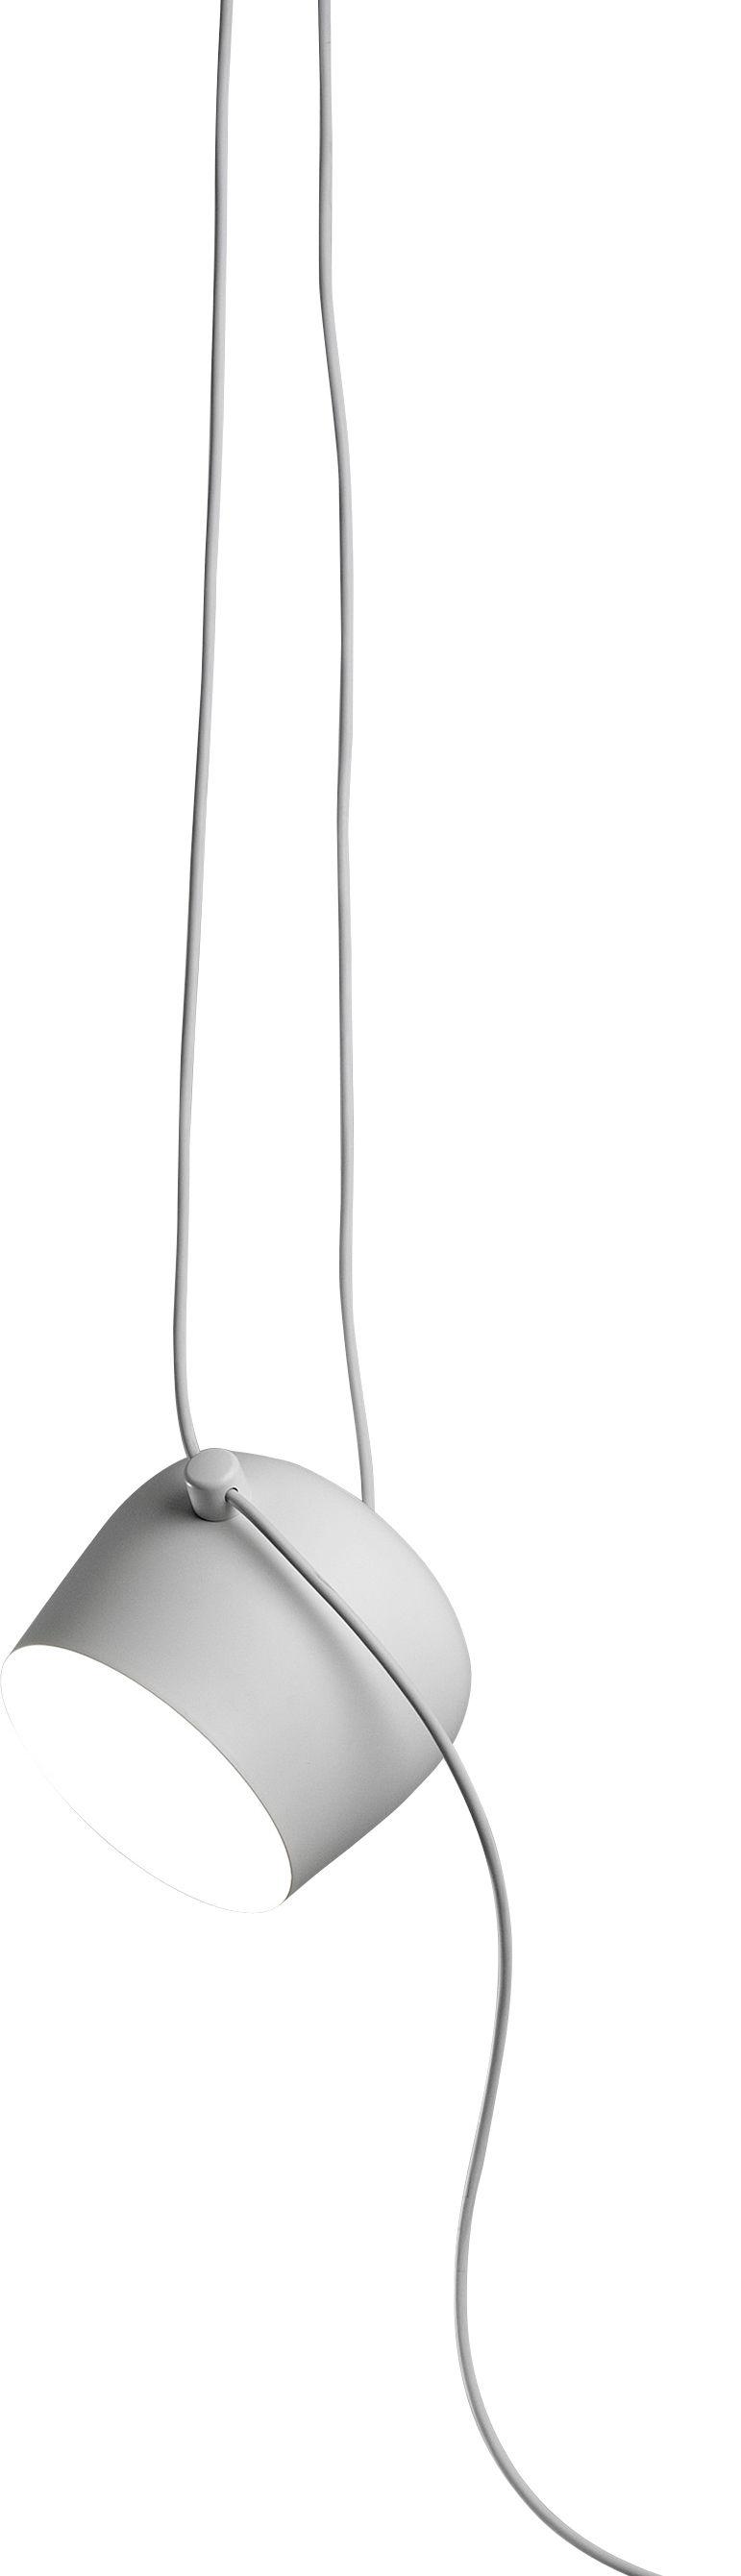 Luminaire - Suspensions - Lampe AIM LED / À suspendre - Branchement secteur / Ø 24 cm - Flos - Blanc - Aluminium peint, Polycarbonate